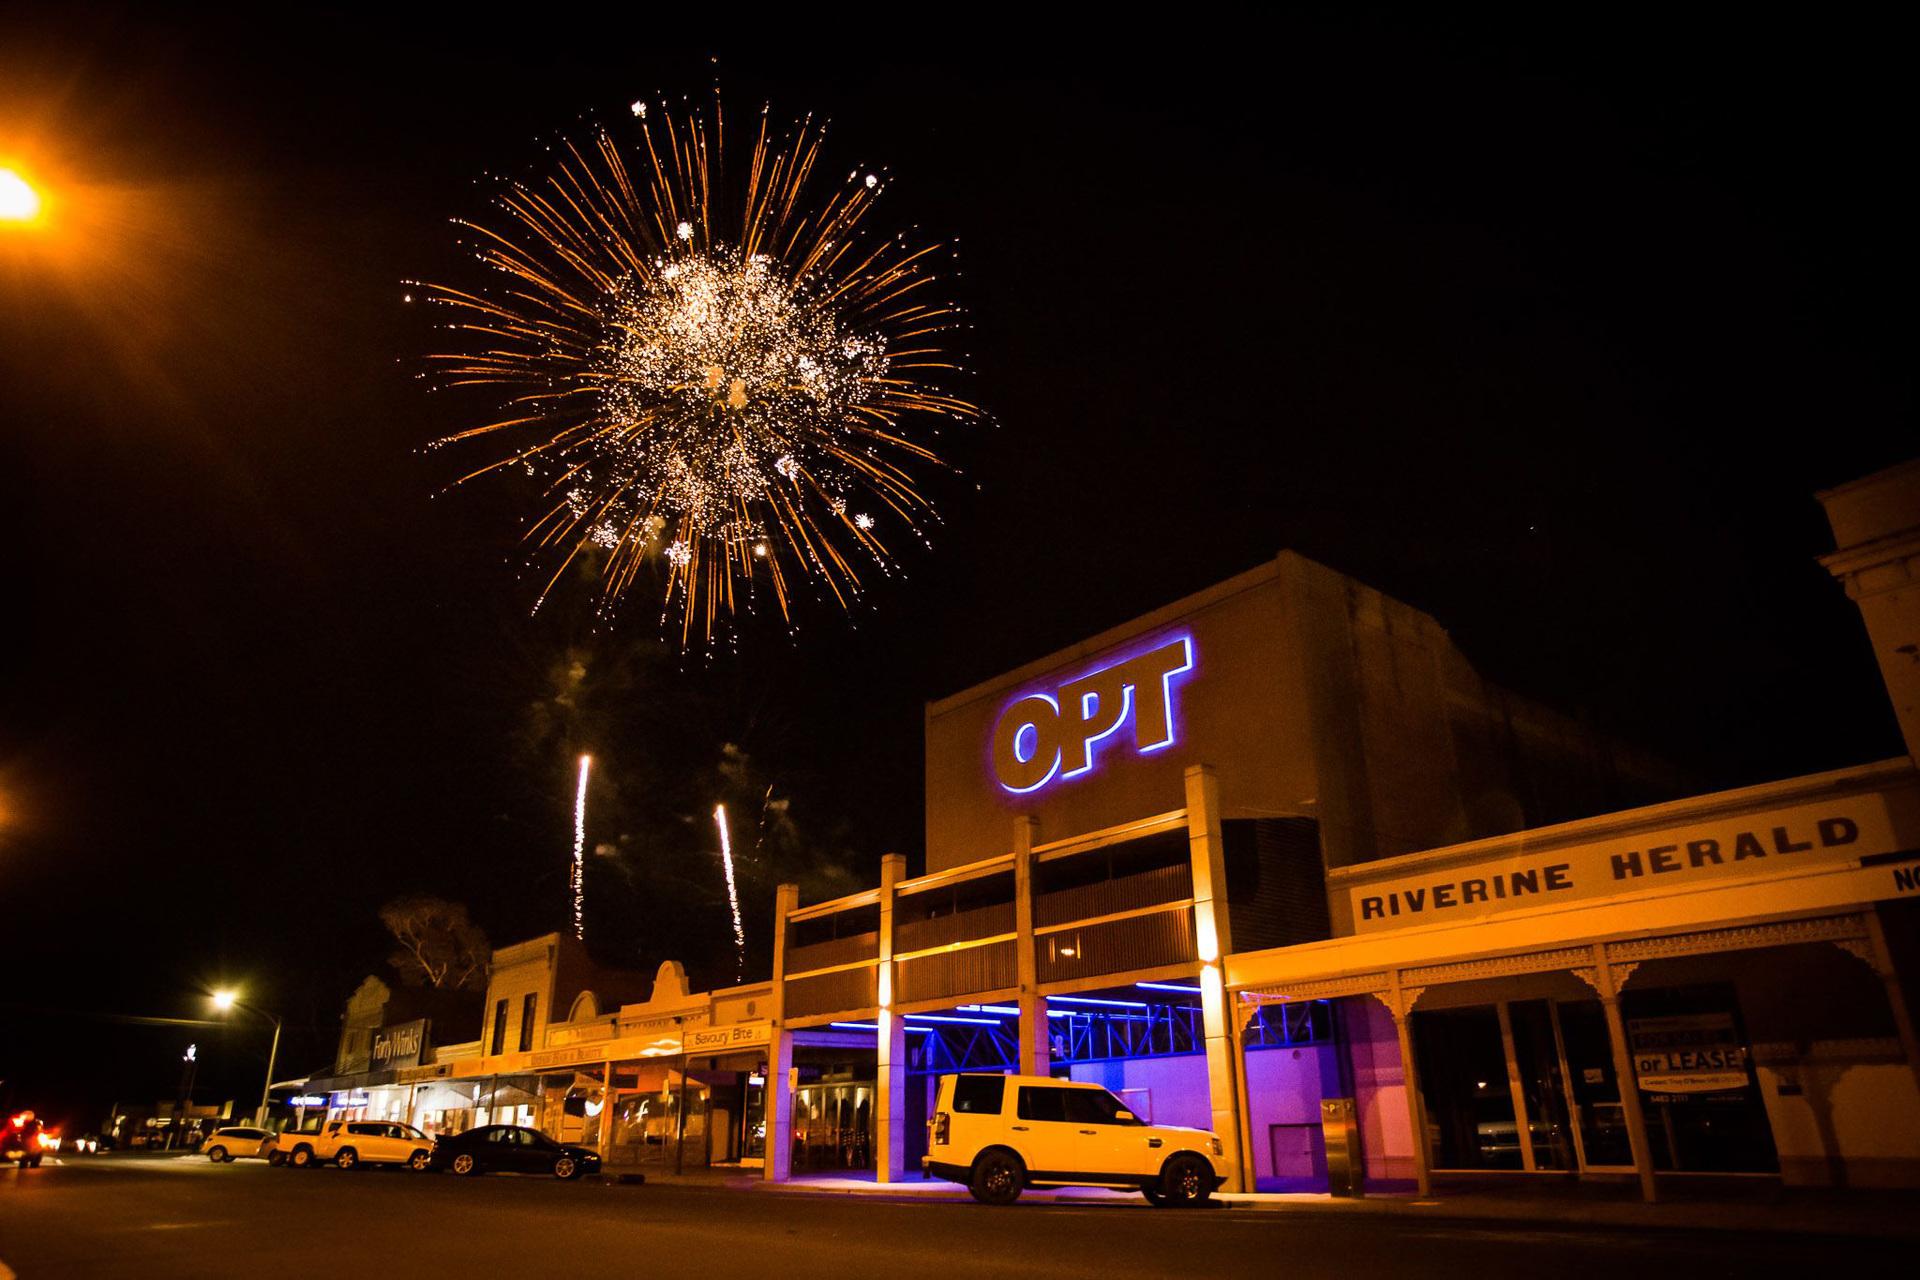 j - OPT Nightclub & Bar